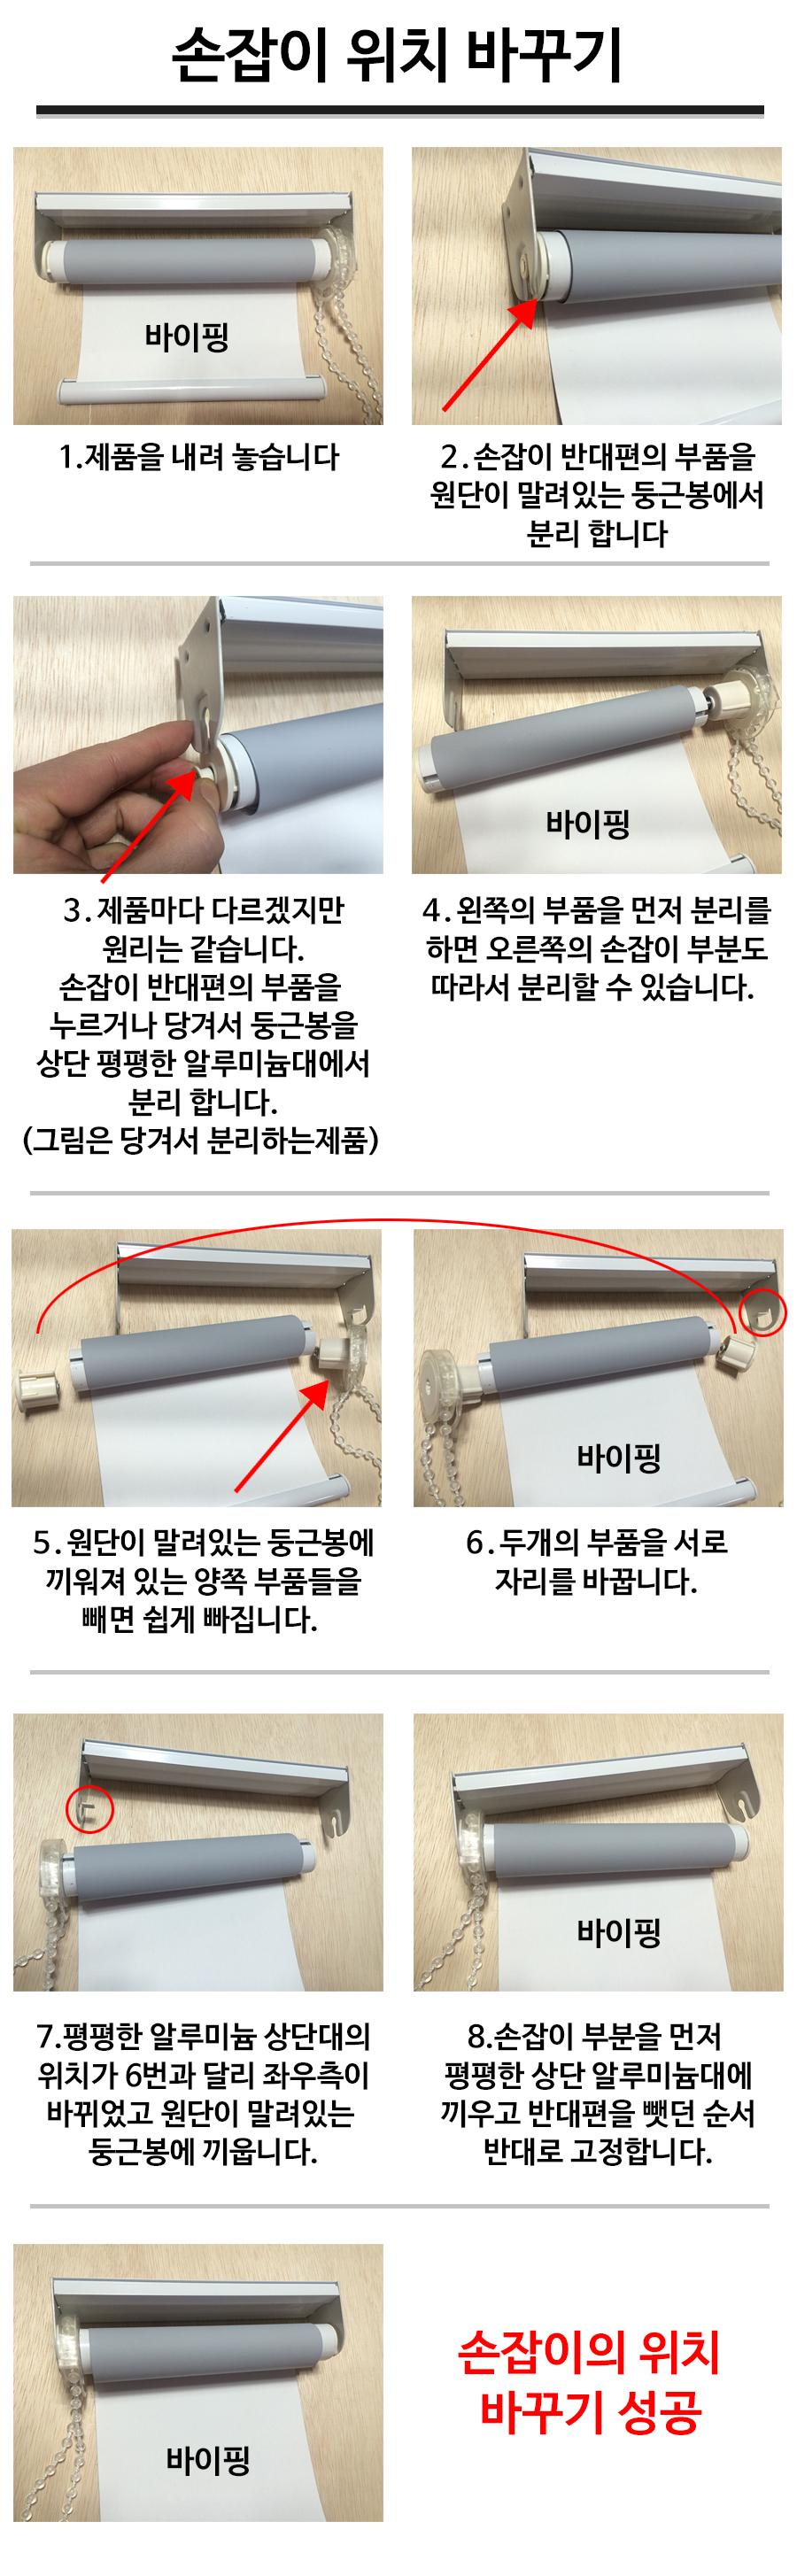 롤스크린 블라인드 손잡이 변경 방법안내 이미지